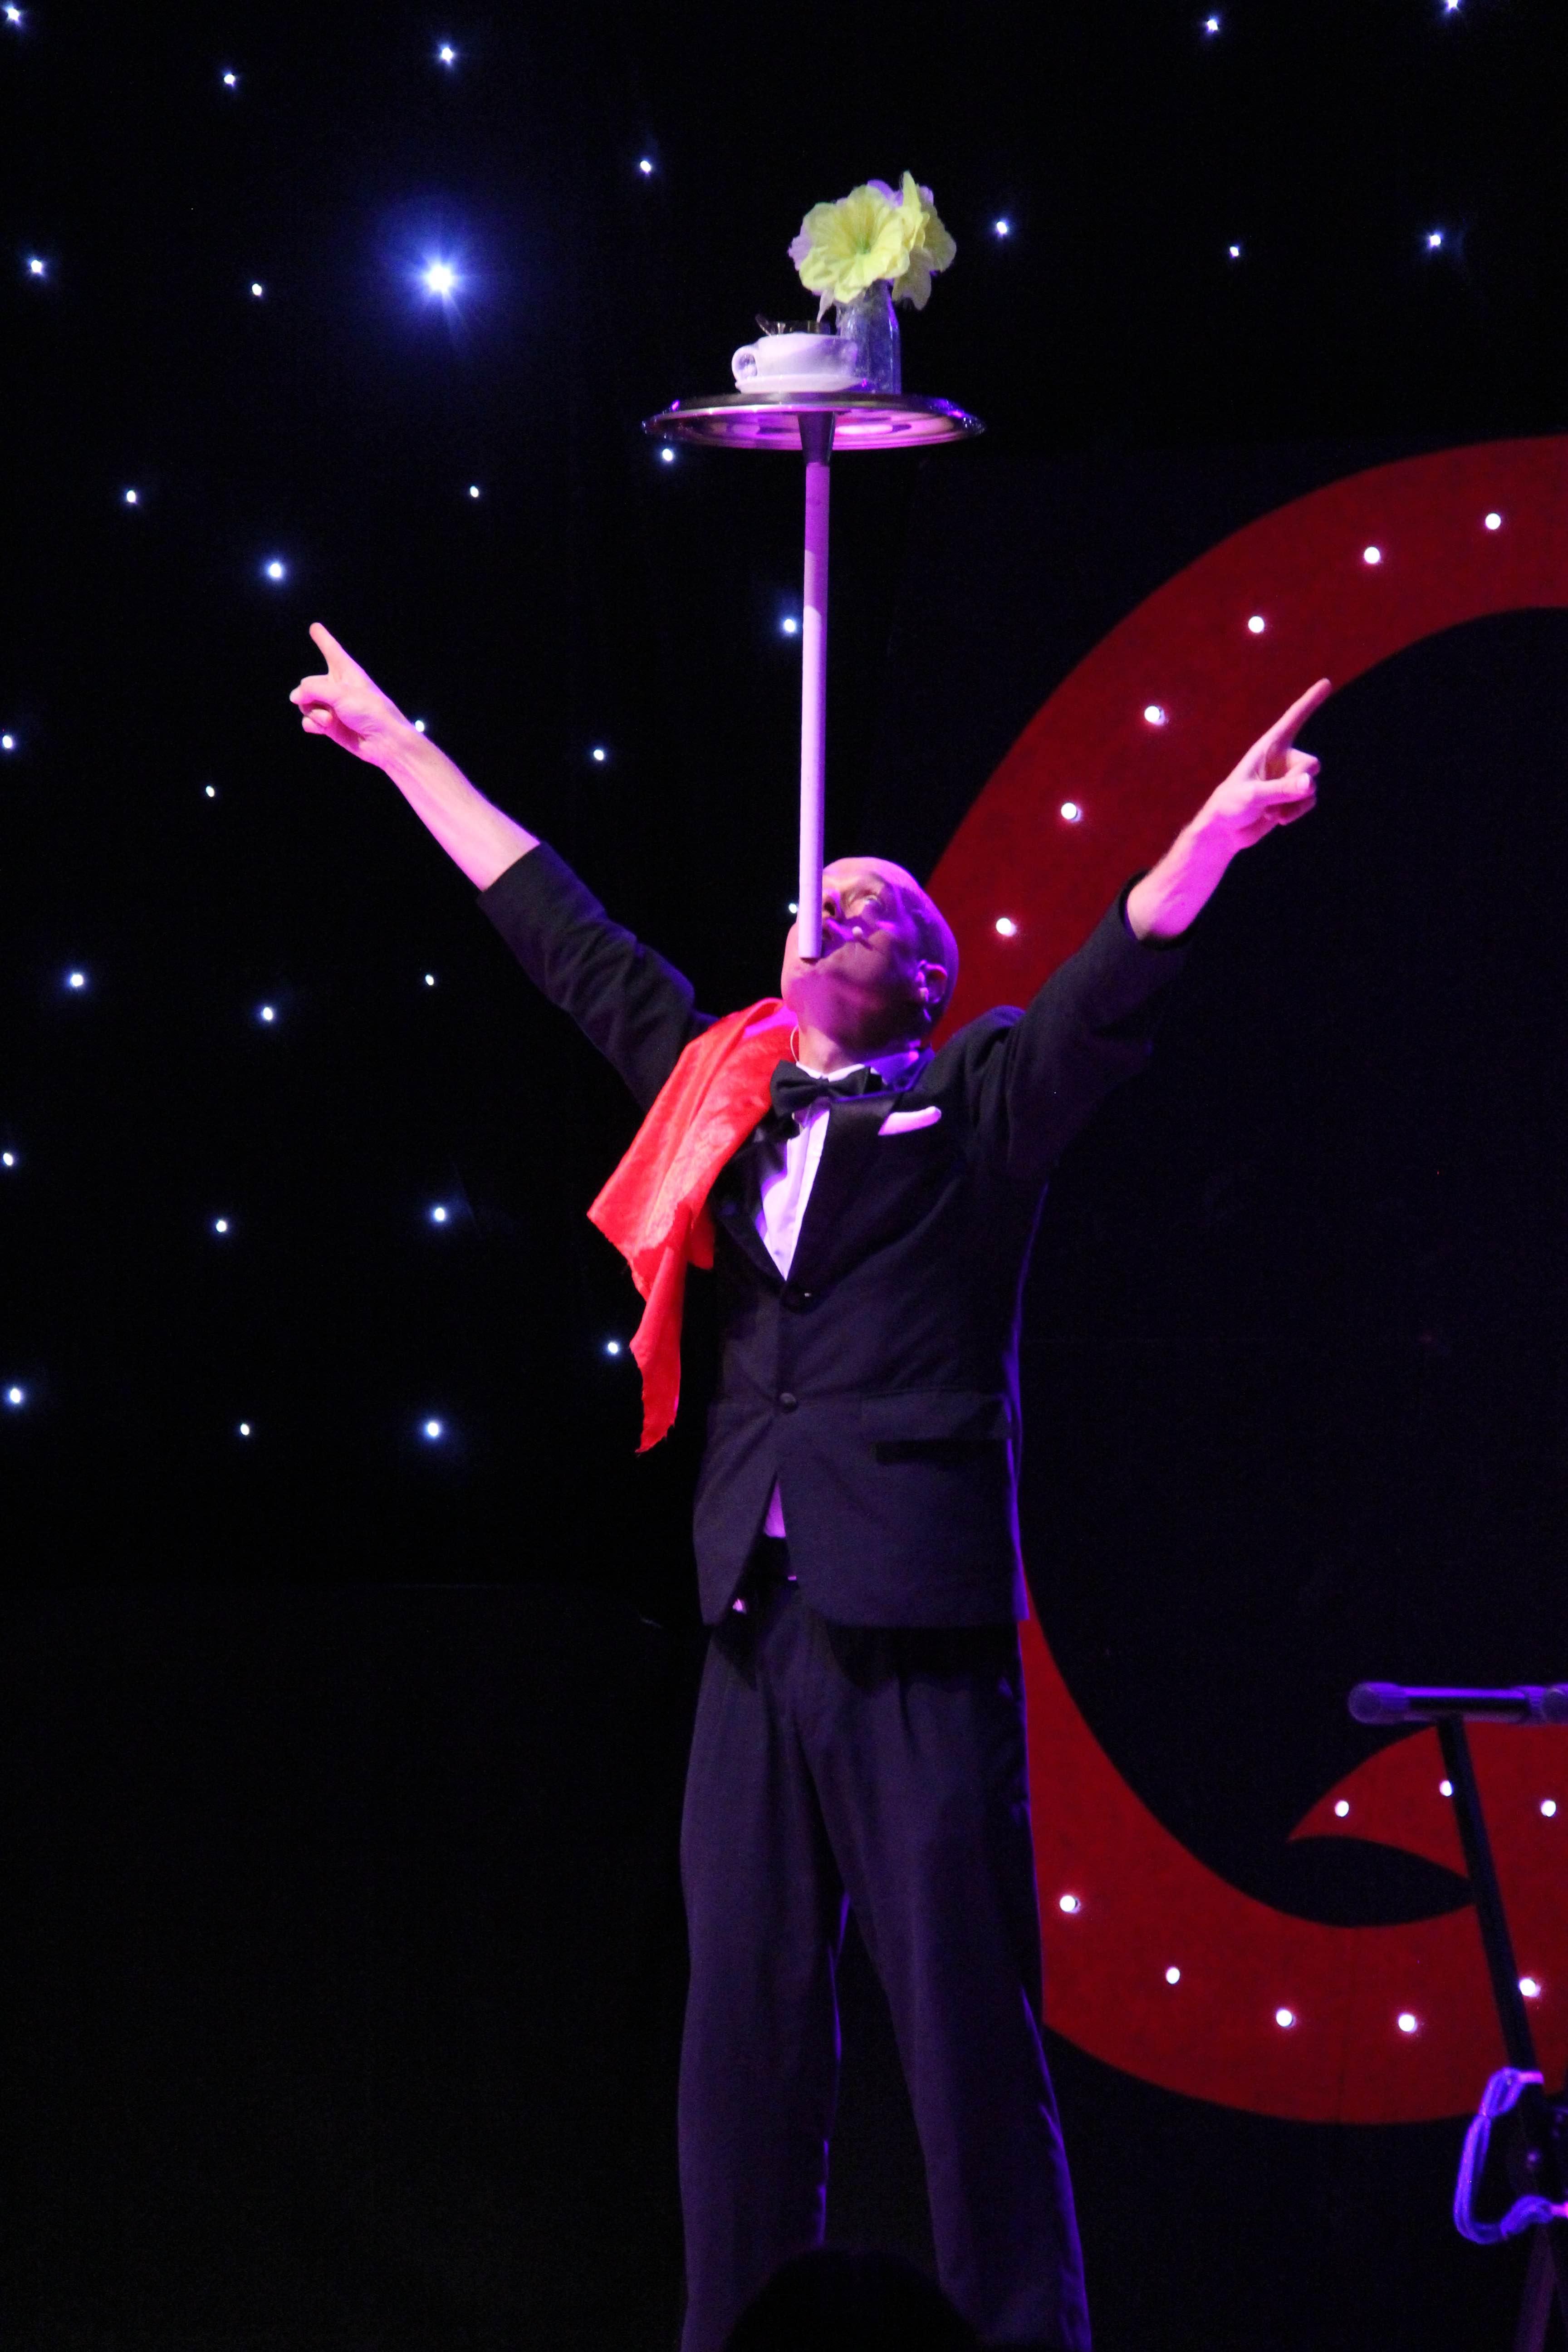 juggling, cabaret, circus, spinning, balls, gentleman